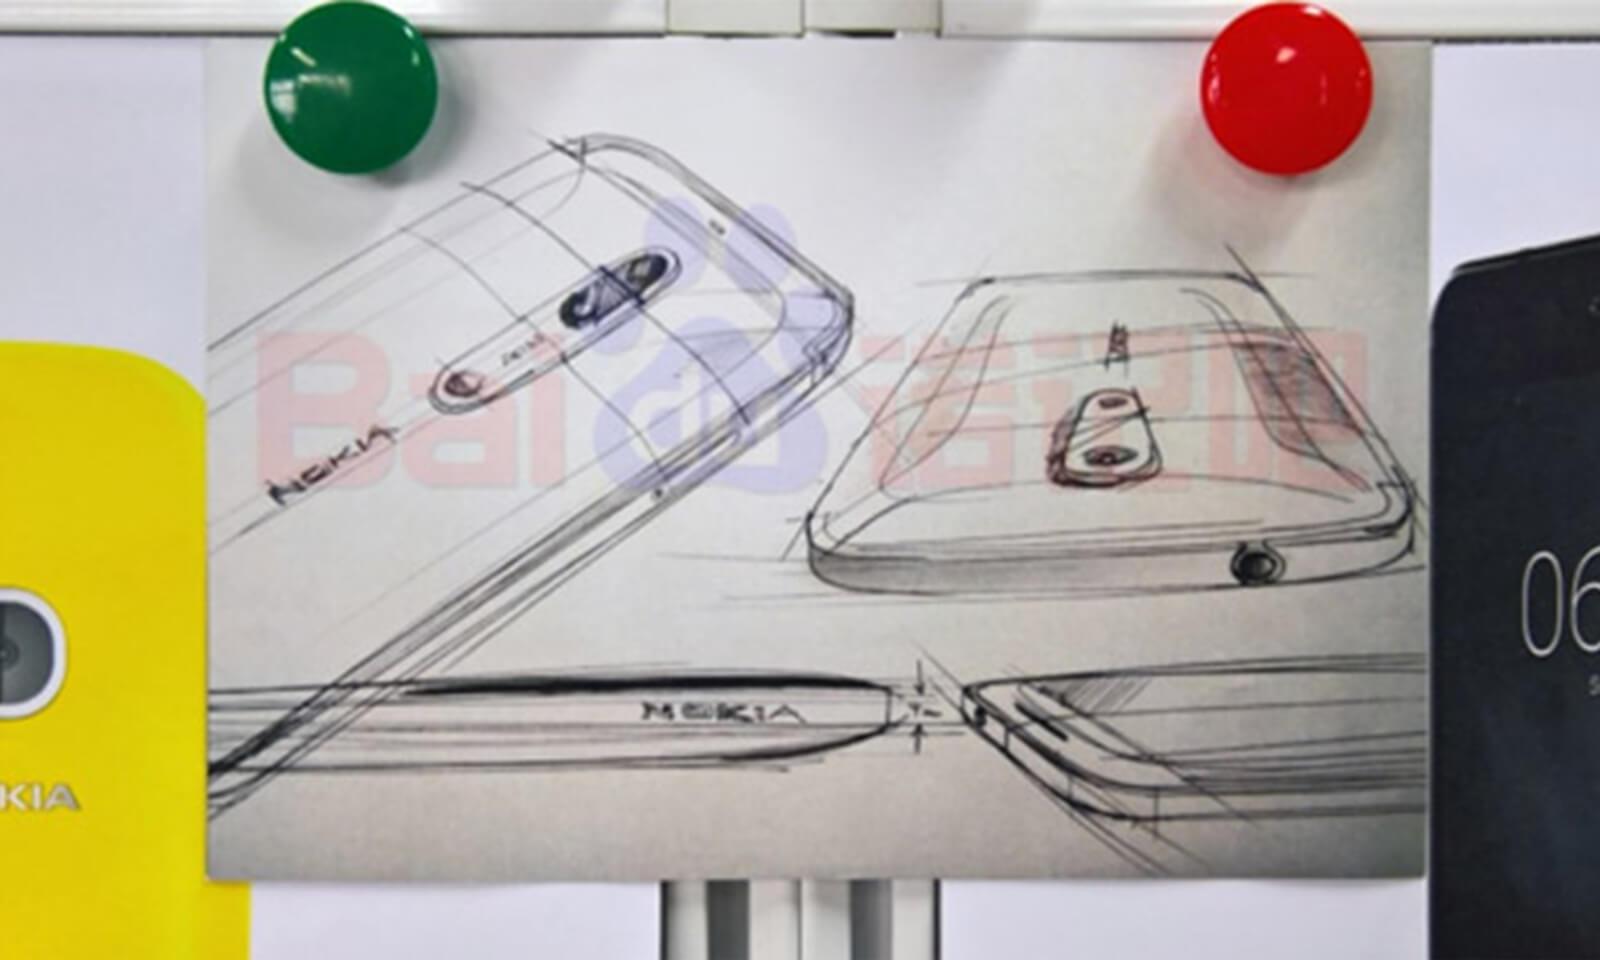 Nokia Yeni Amiral Gemisi Telefonunu Tanıtacak